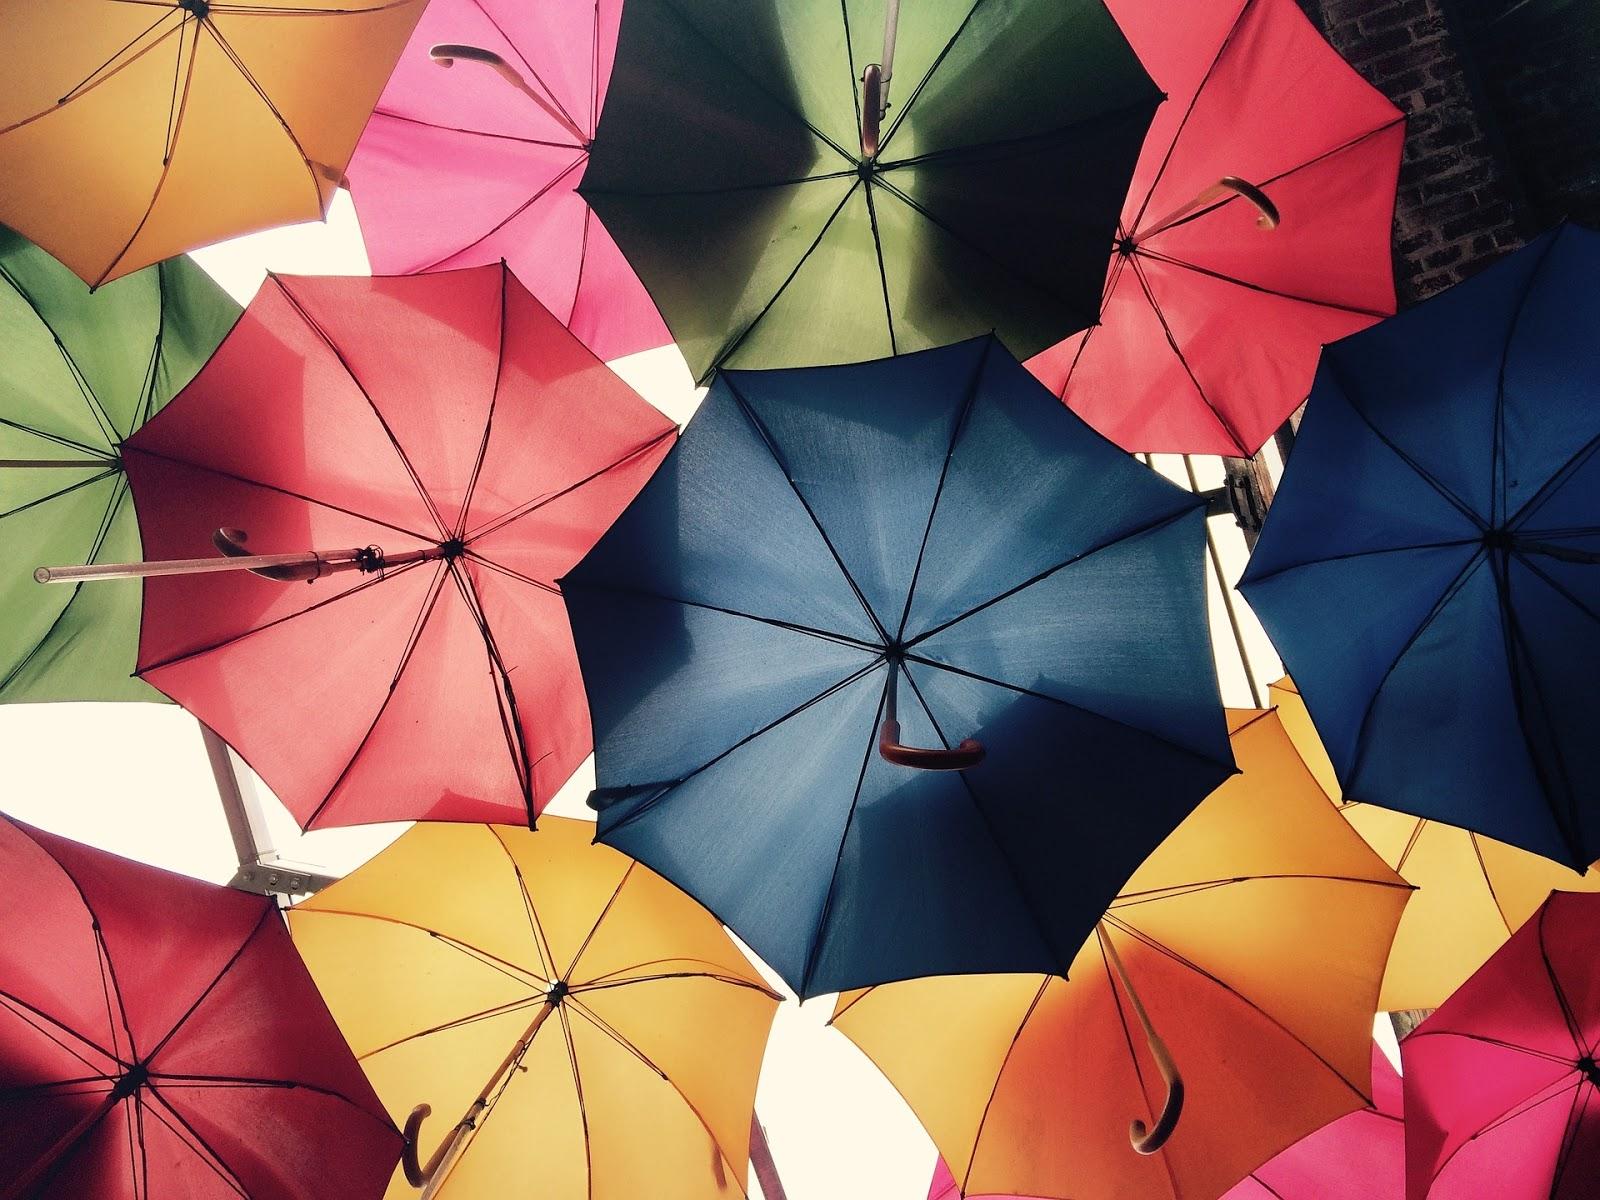 Ternyata Warna Payung Ini Bisa Melindungimu Dari Panas Matahari Lho Paayungg Hitam Besarr Pilih Untuk Melindungi Sinar